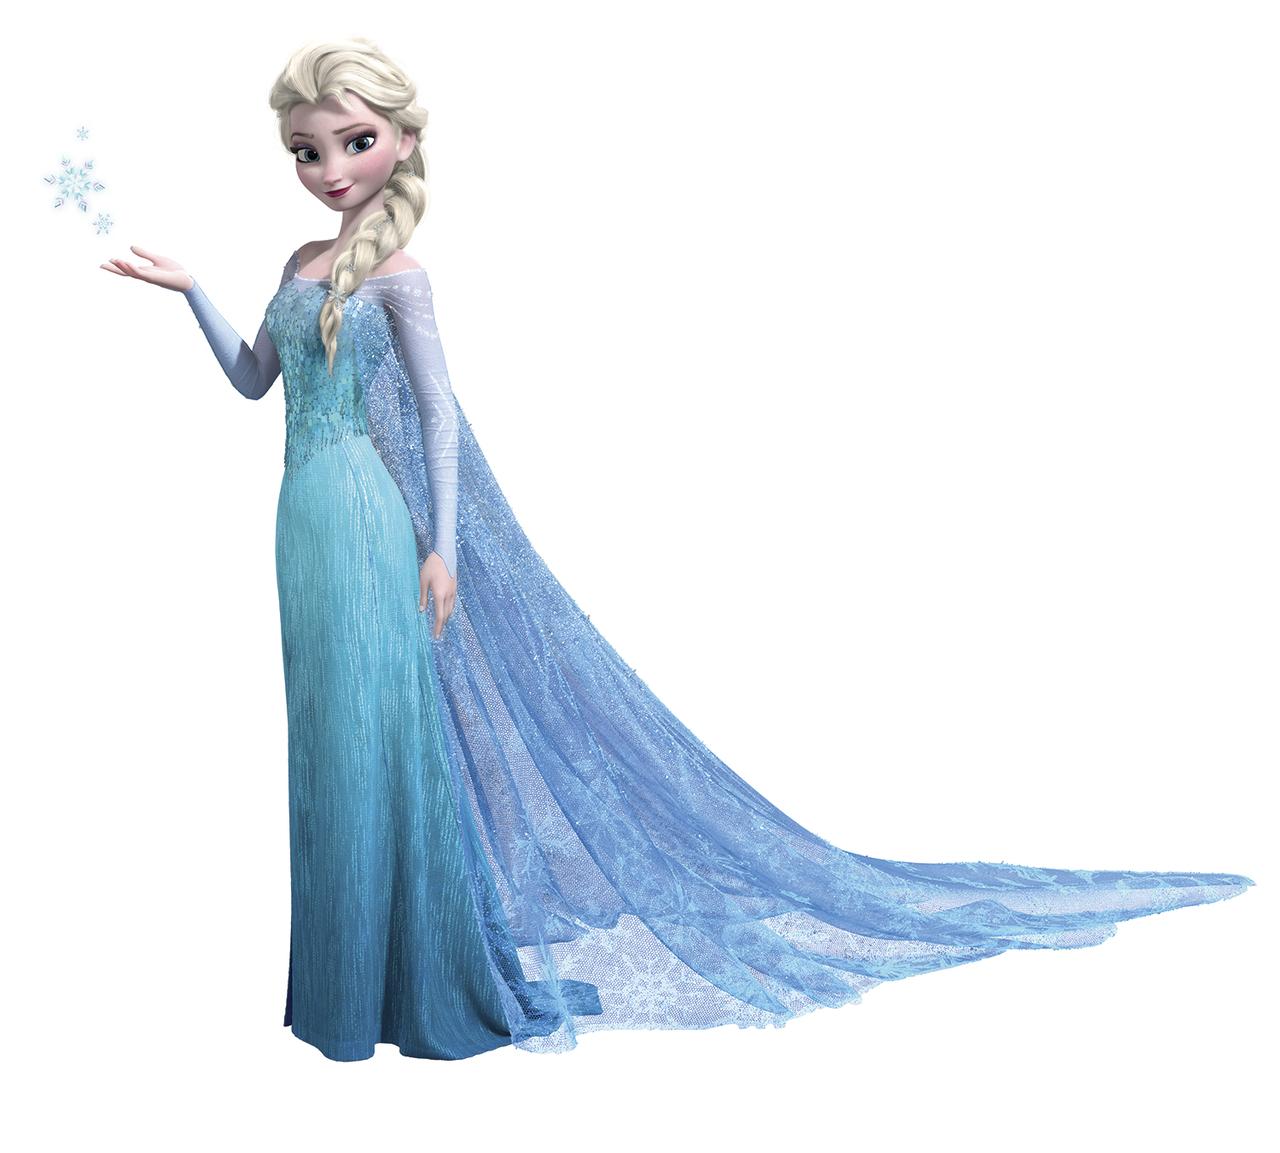 Elsa Frozen Photo 35828419 Fanpop 1280x1153